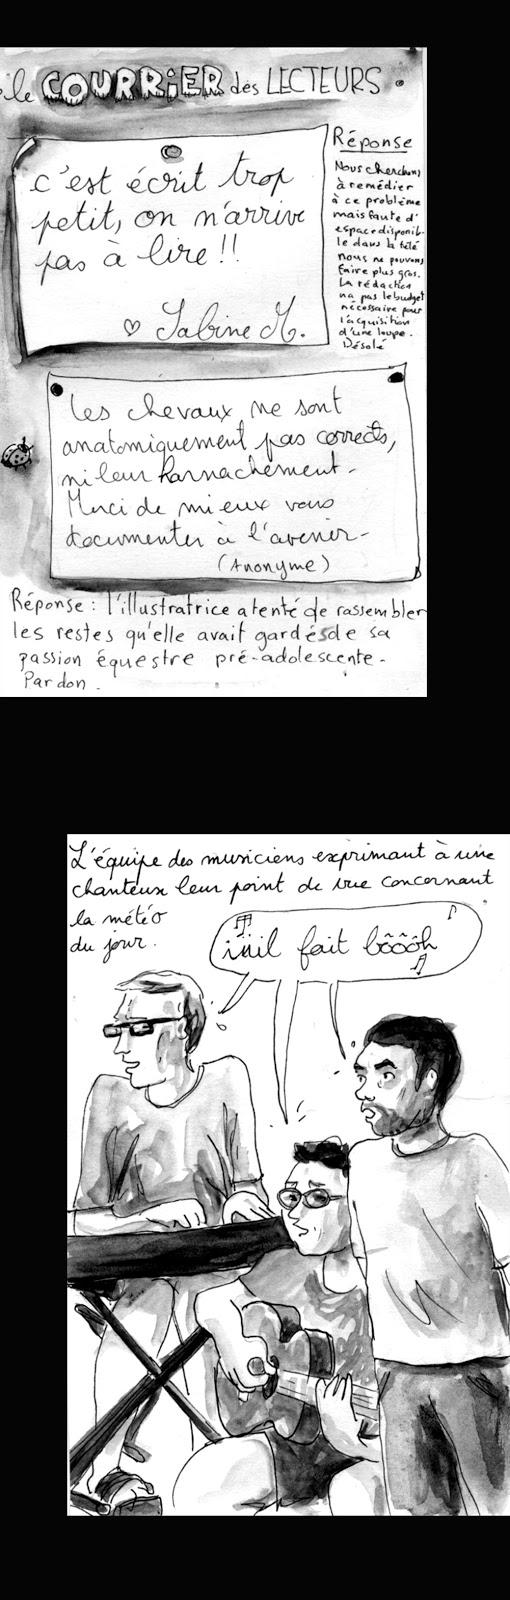 """""""Il fait beau"""" interprété par Georges Brassens en bas de la note."""